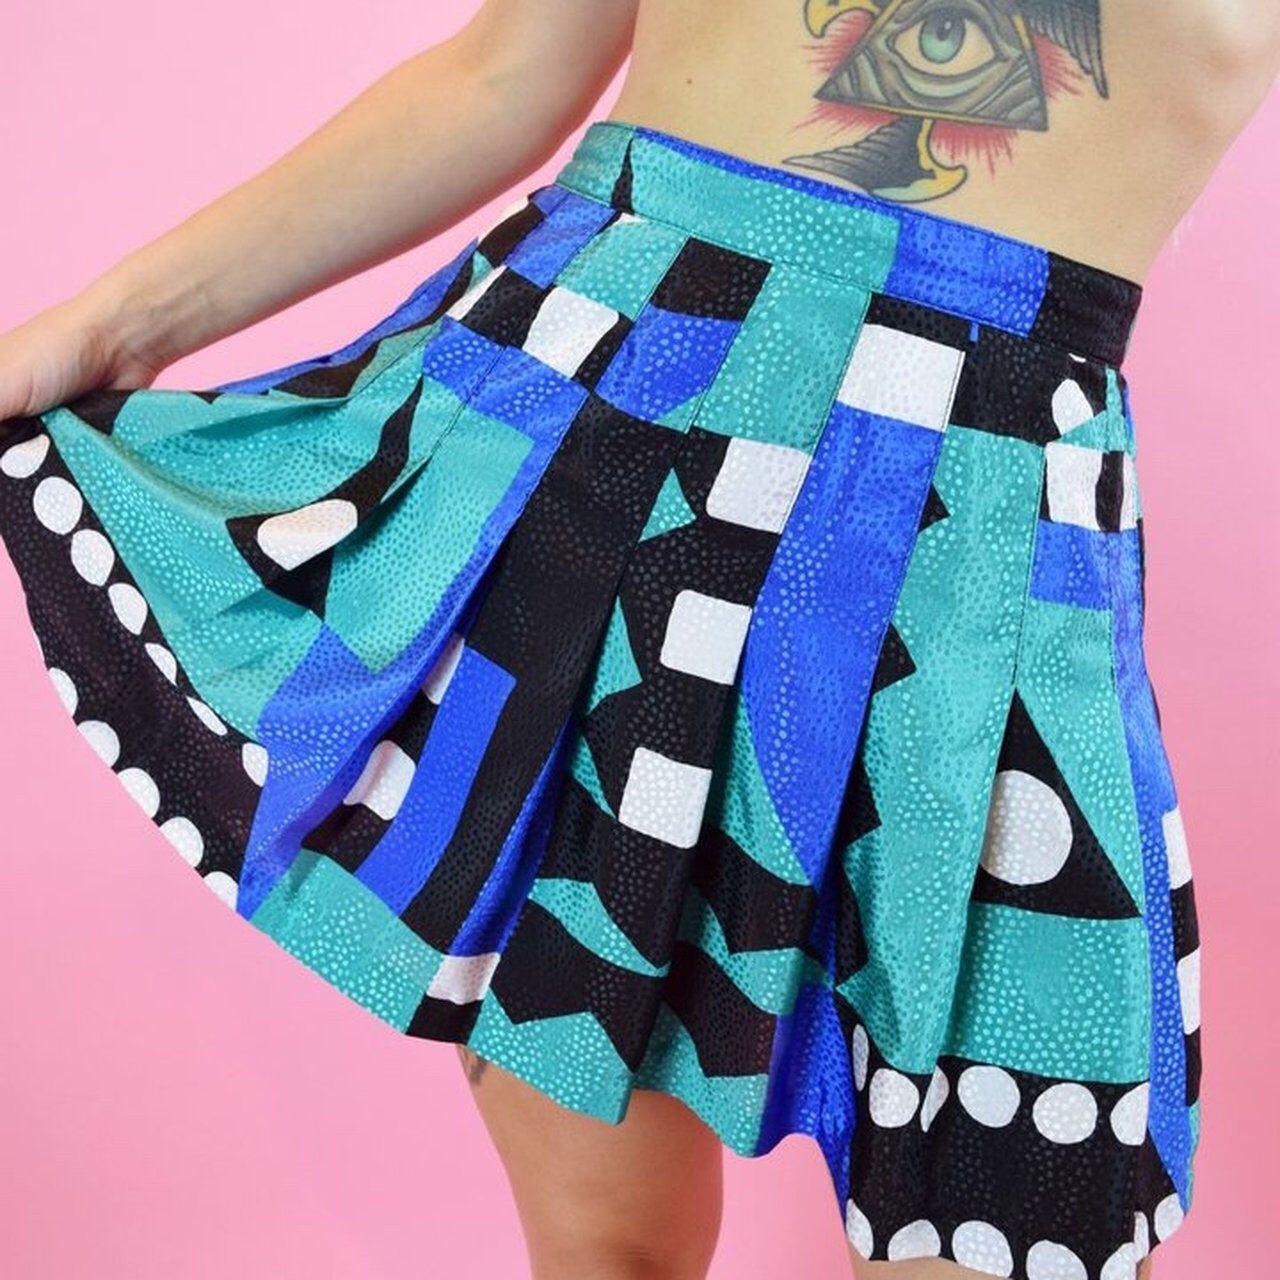 e453d2c36d Listed on Depop by owlephant   depop   Depop, Pleated mini skirt ...